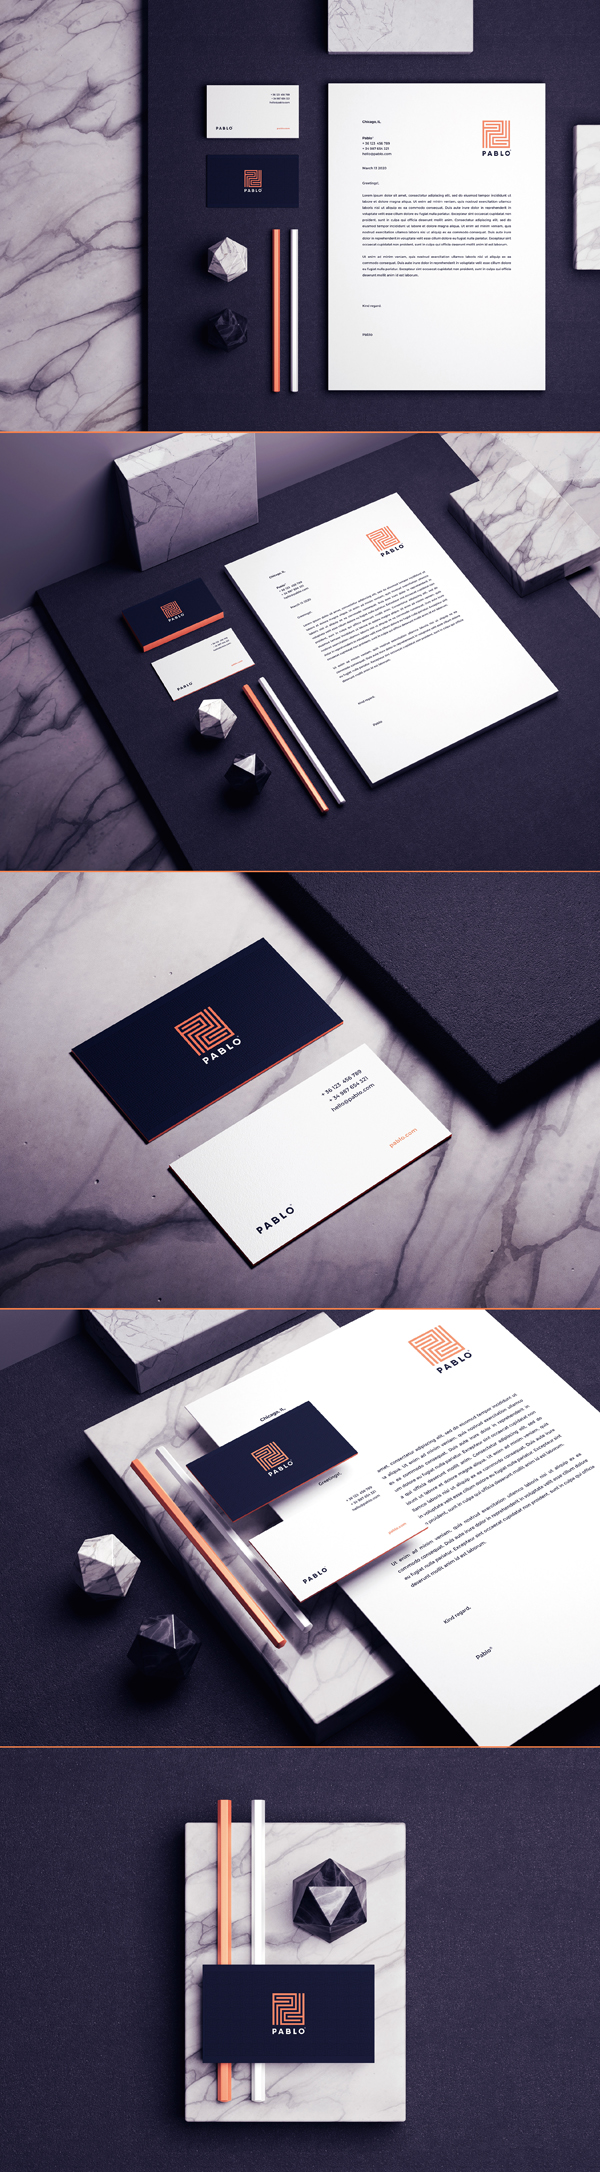 Stationery - Pablo Branding Identity by Andres Valderrama